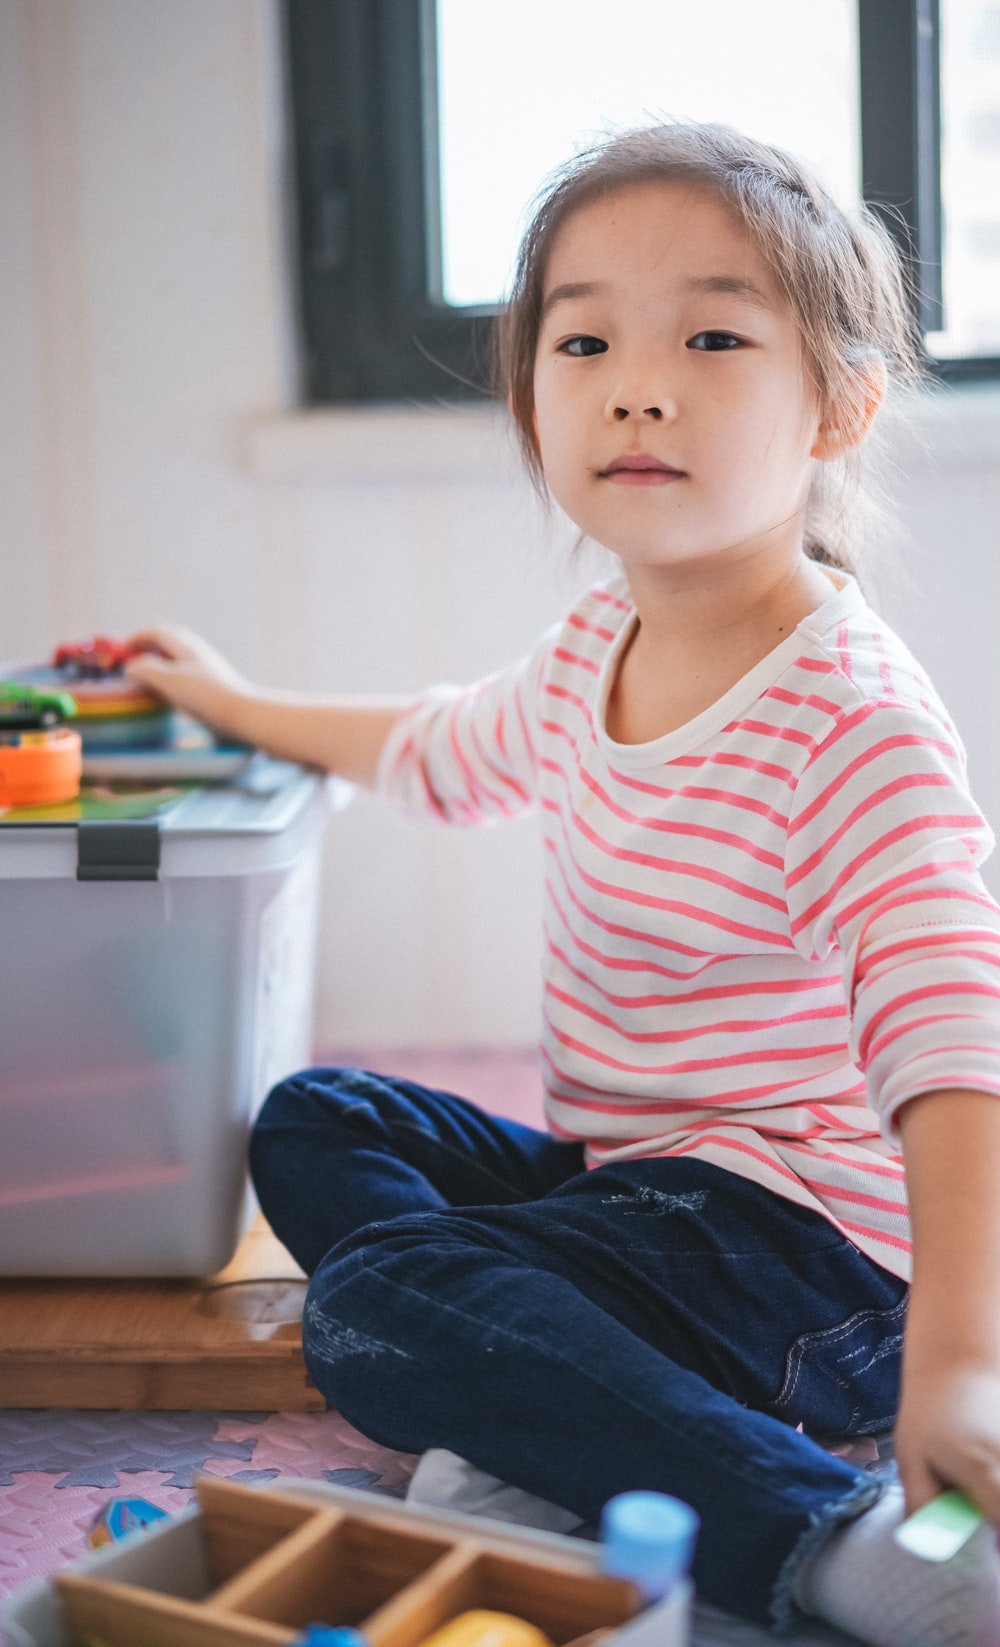 girl sitting on floor beside toys